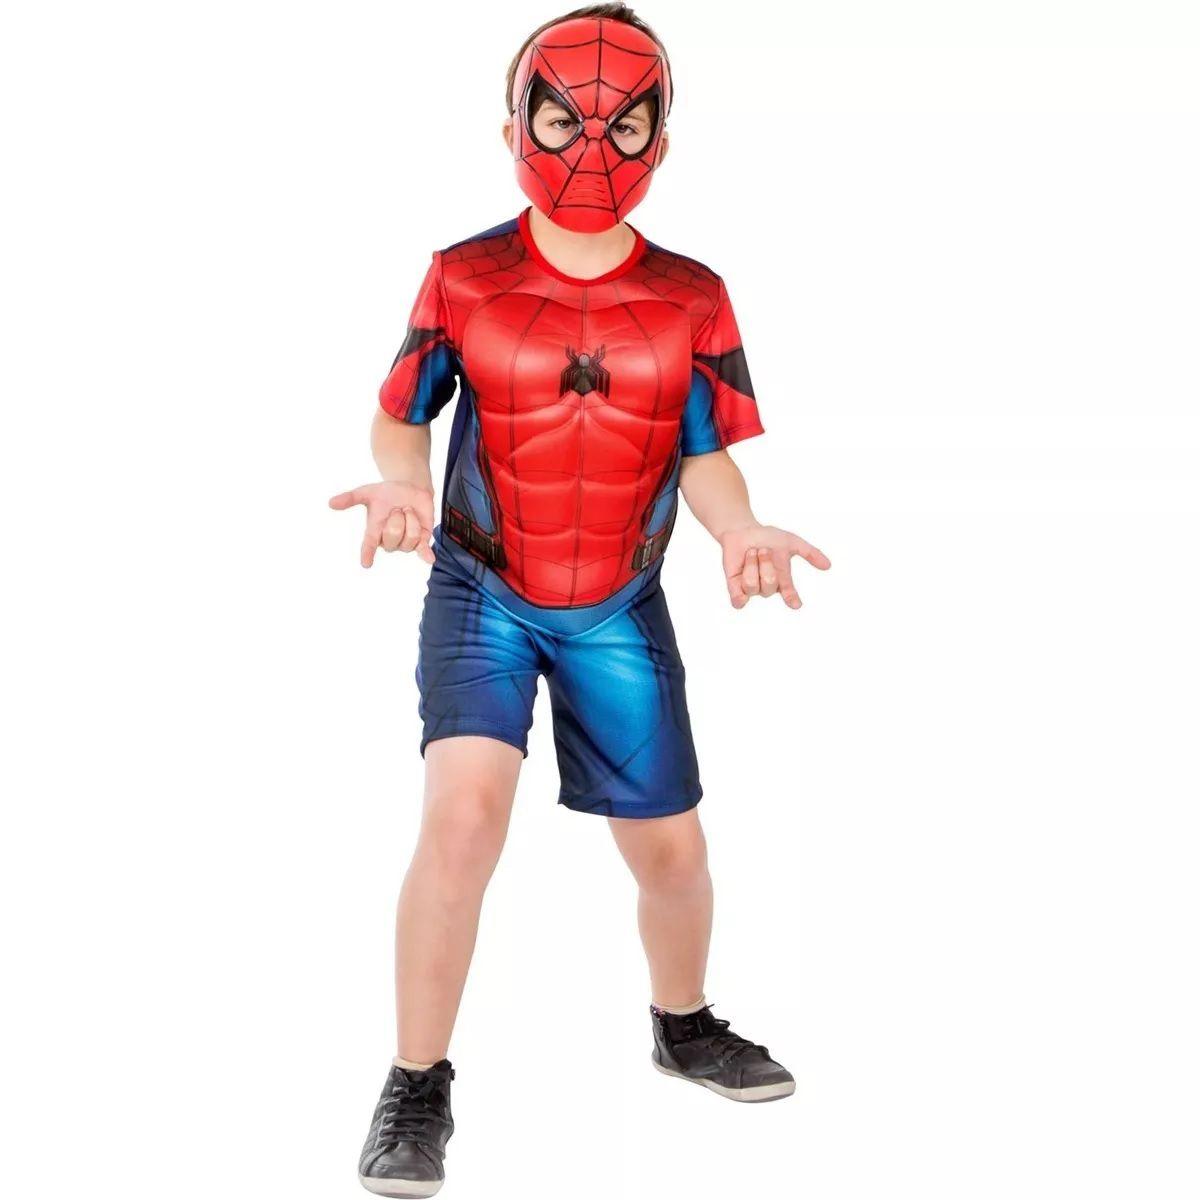 Fantasia Curta Infantil Marvel Homem Aranha De Volta ao Lar com Peitoral e Máscara P - Global Fantasias